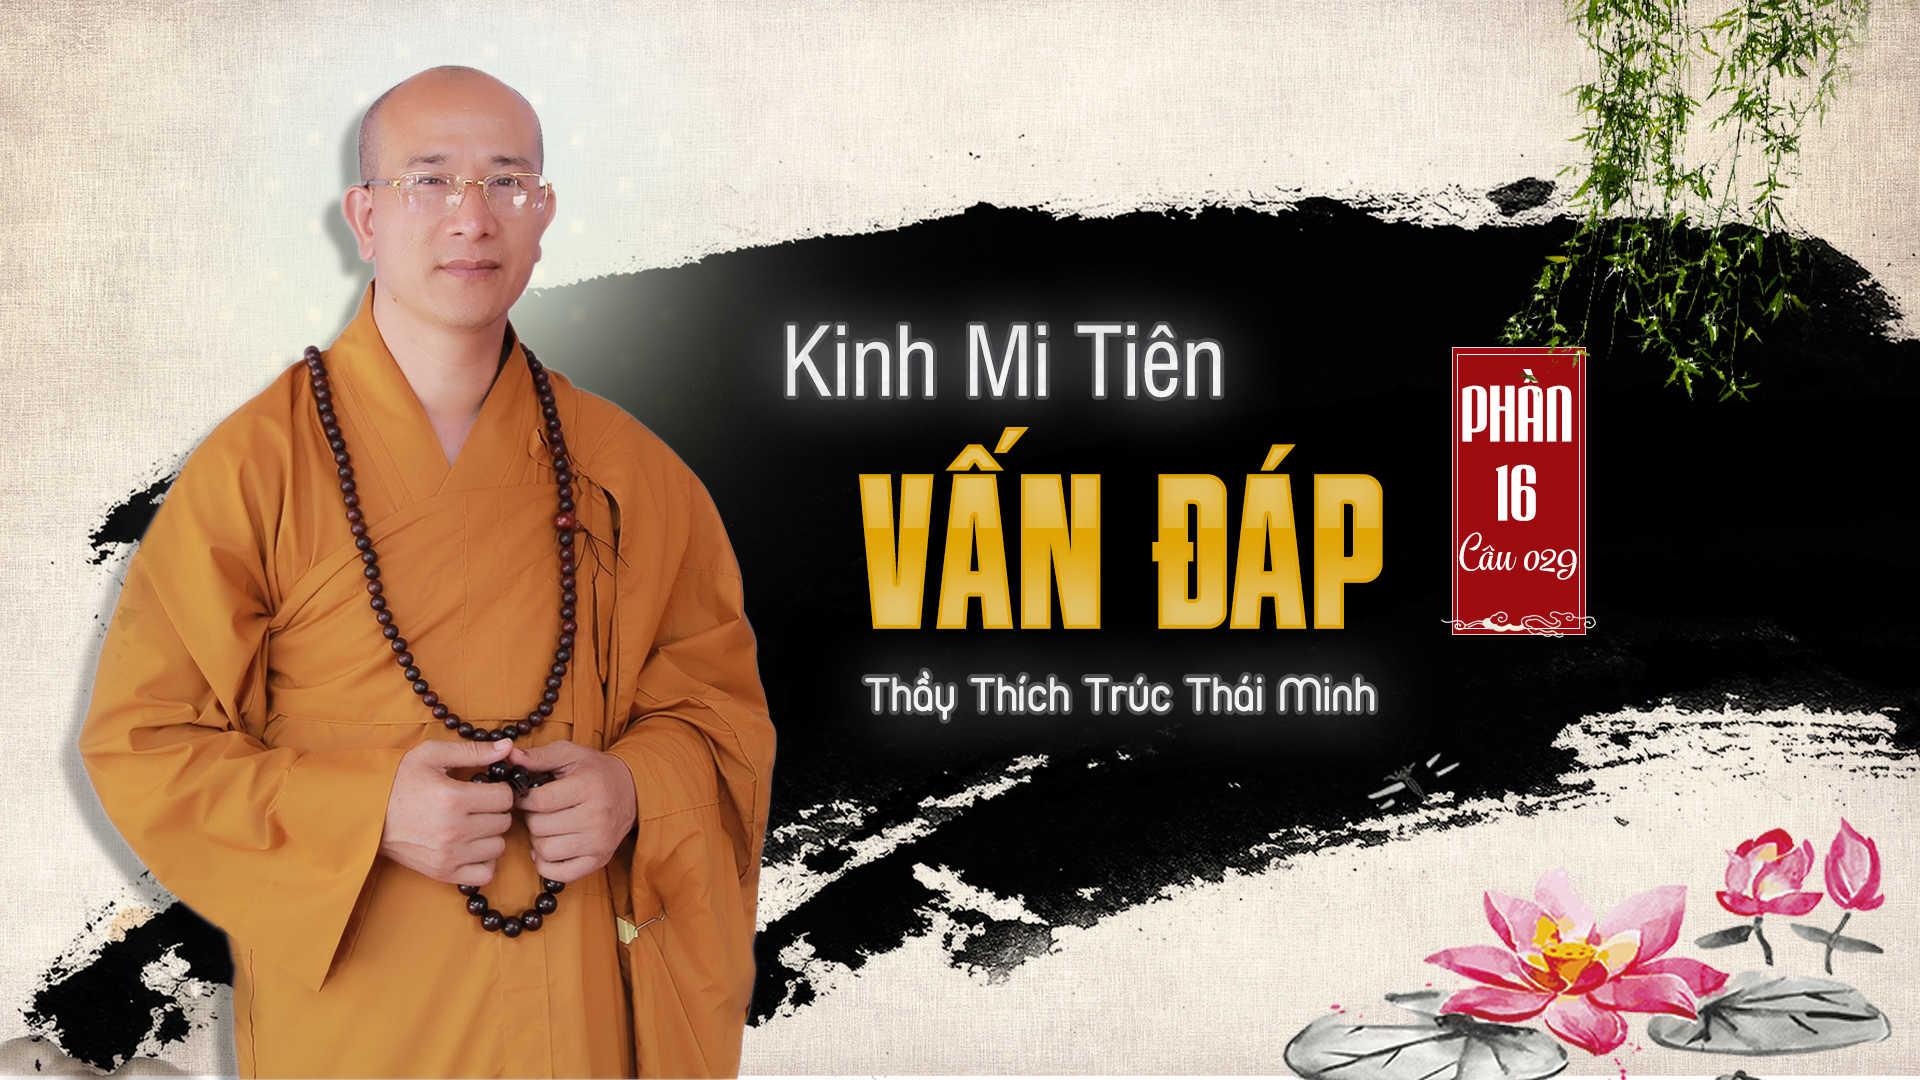 Kinh mi tiên vấn đáp phần 16 Thầy Thích Trúc Thái Minh chùa Ba Vàng.